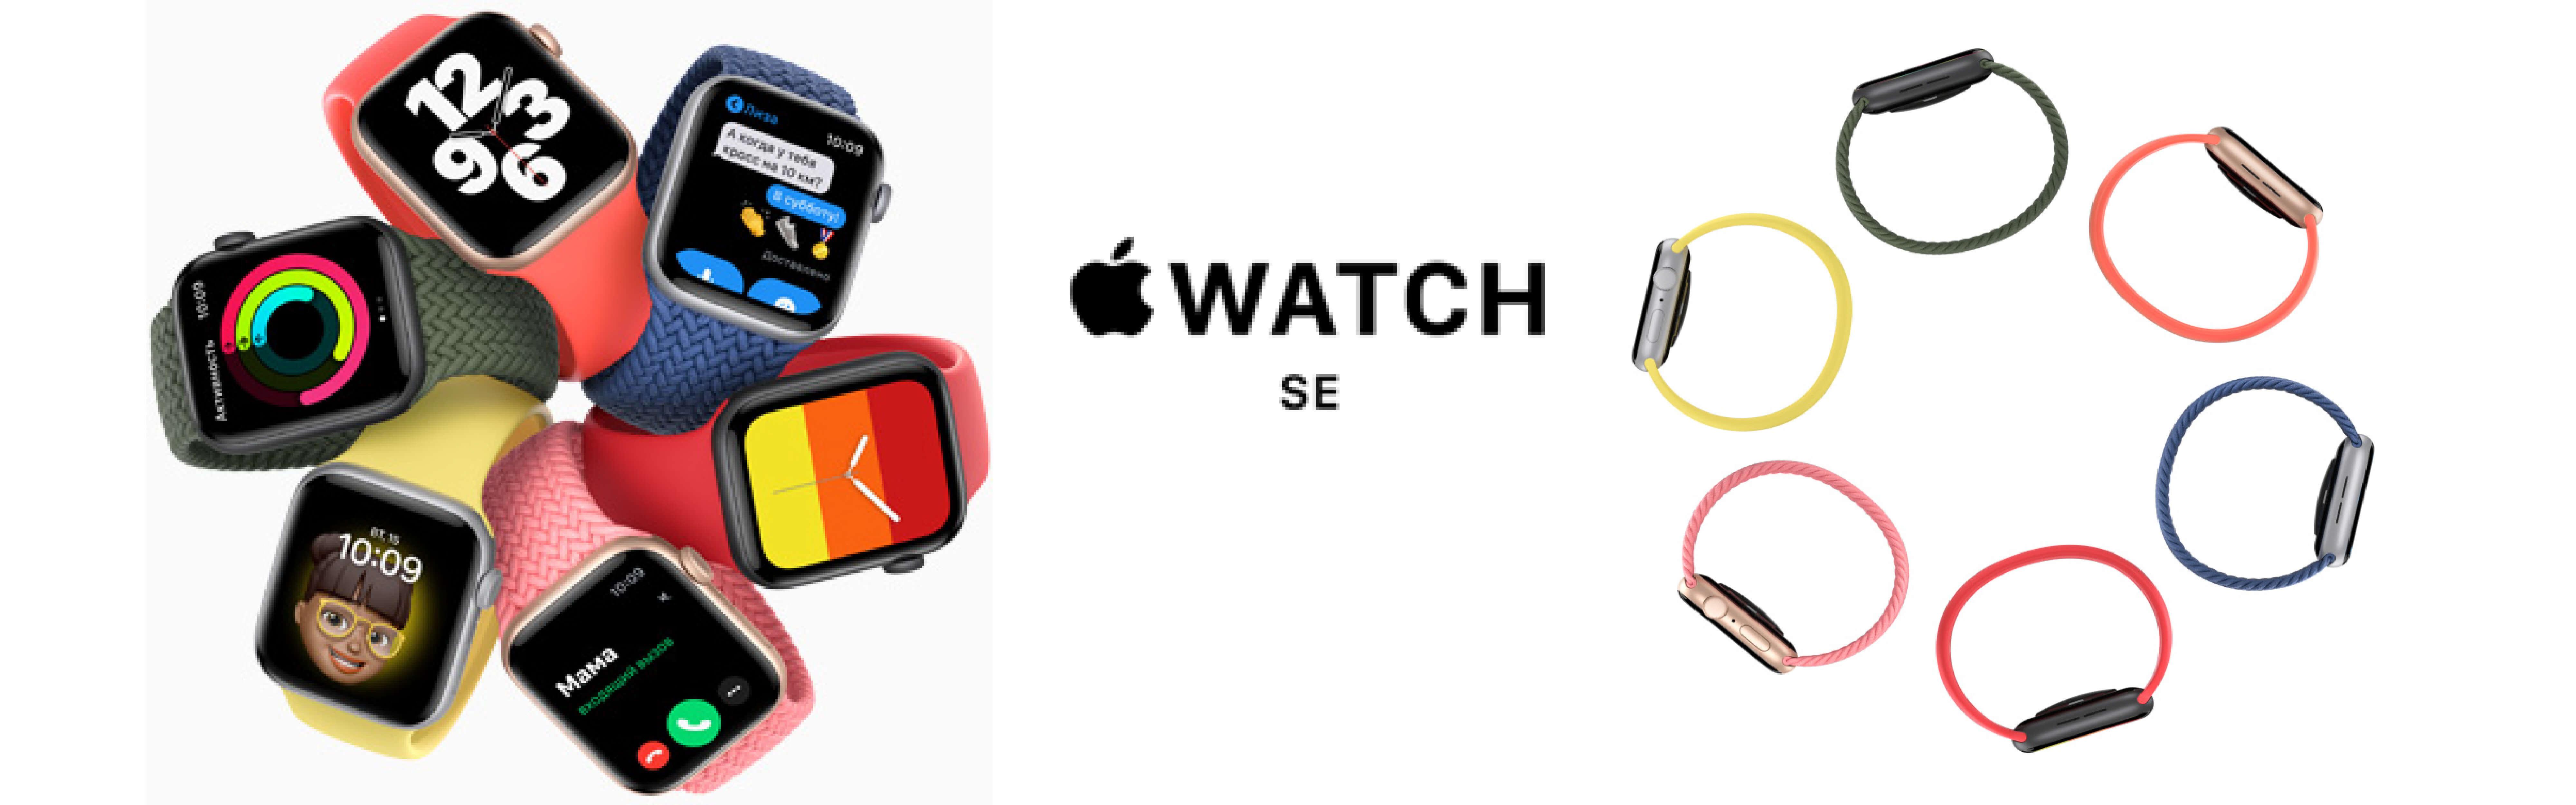 Безымянный-8-Apple-Watch-SE